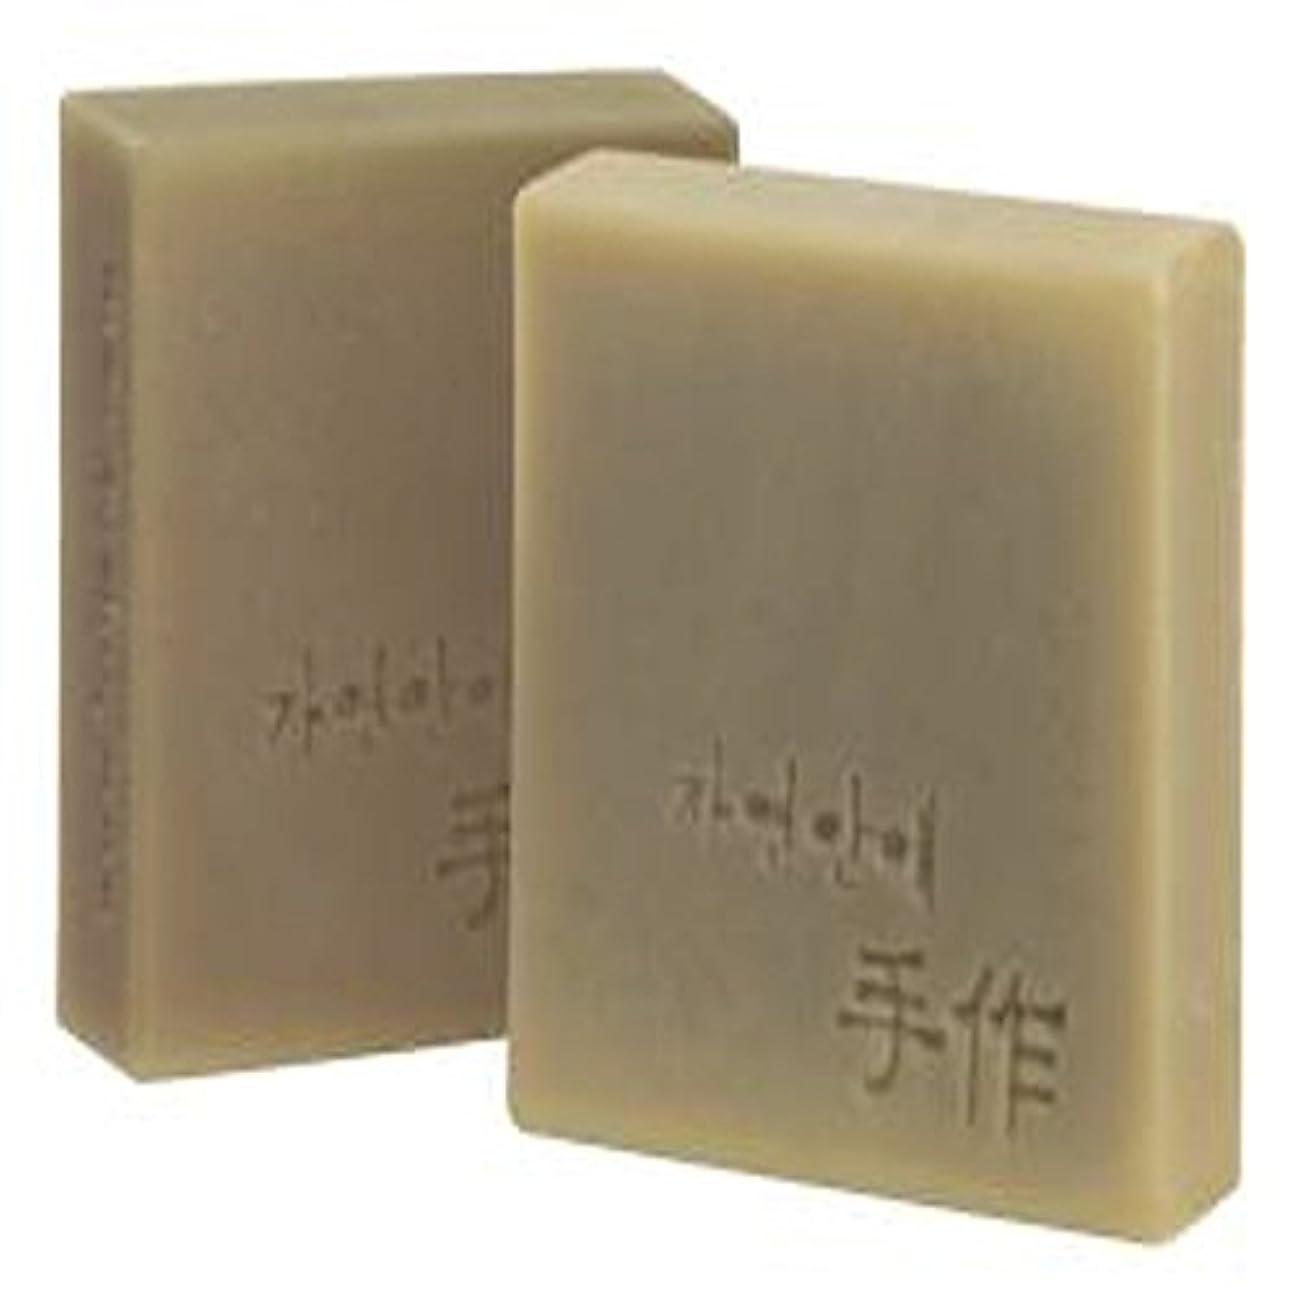 独立何かアロングNatural organic 有機天然ソープ 固形 無添加 洗顔せっけんクレンジング 石鹸 [並行輸入品] (清州)